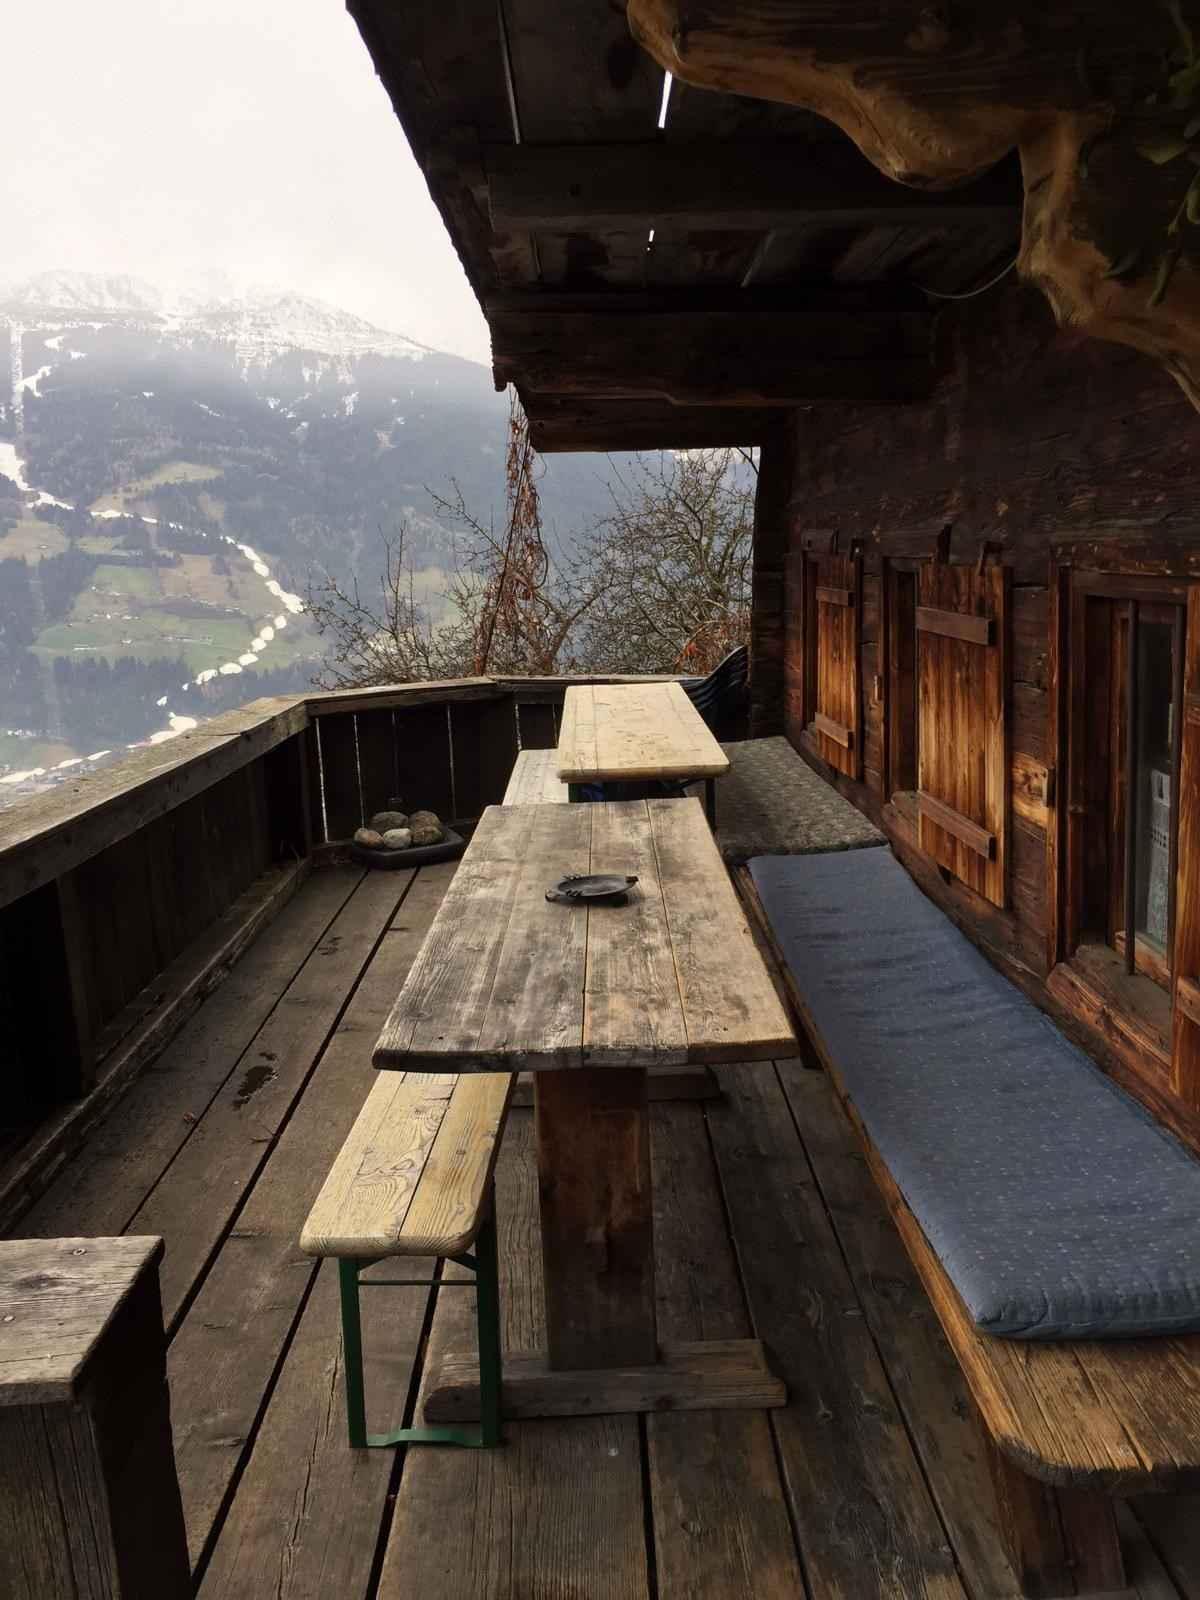 Ferienhaus traditionelles Bauernhaus mit Panorama (283766), Stummerberg, Zillertal, Tirol, Österreich, Bild 13